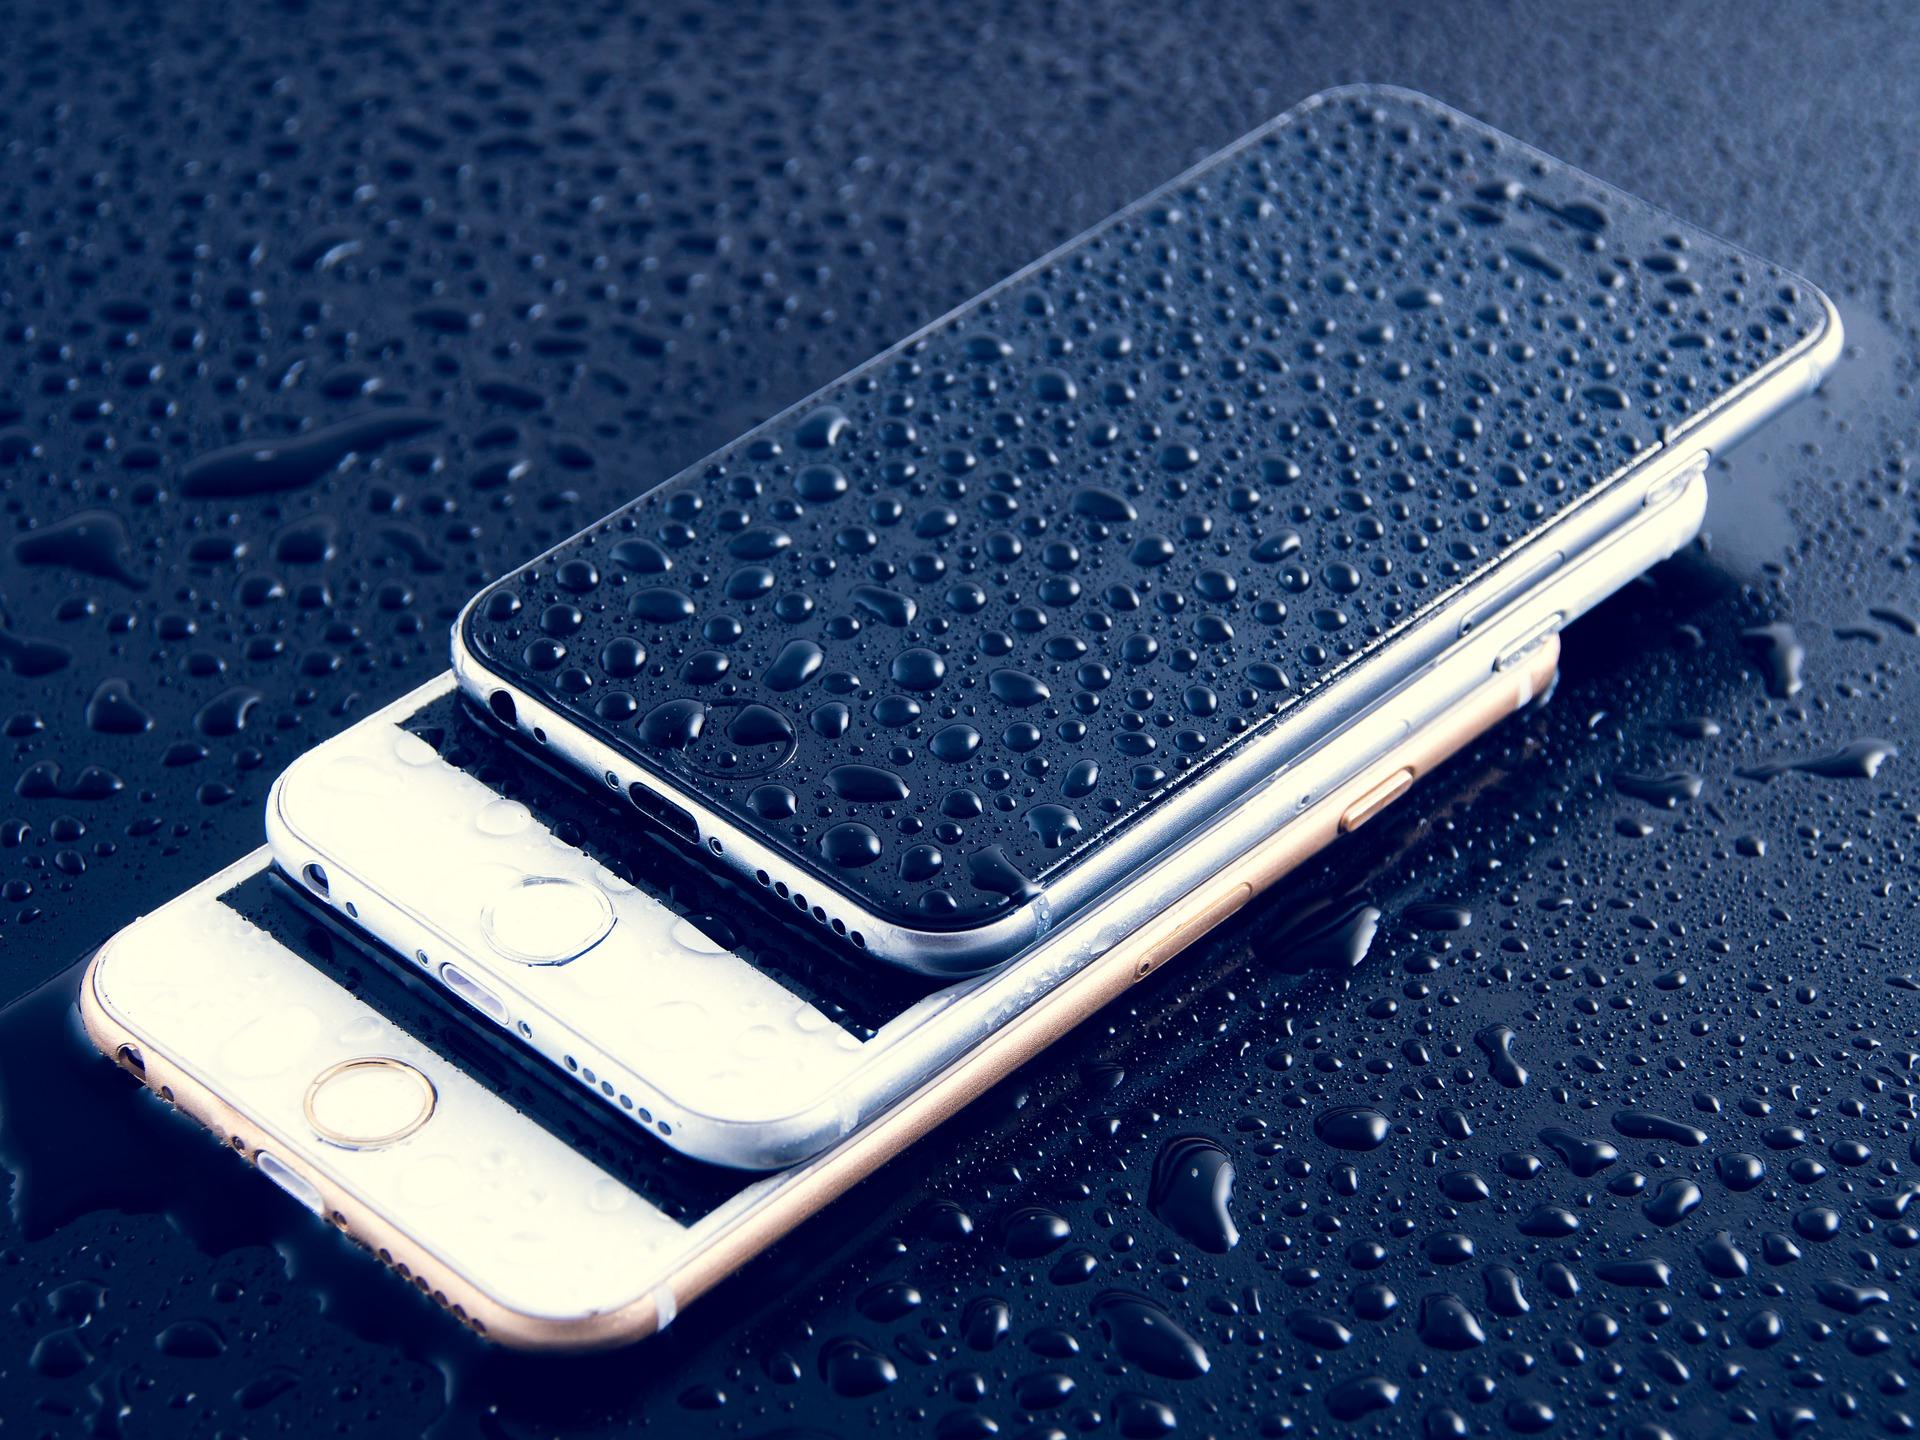 Apple får betala böter på nästan 1 miljard dollar till Samsung För att man har köpt för få OLED-skärmar